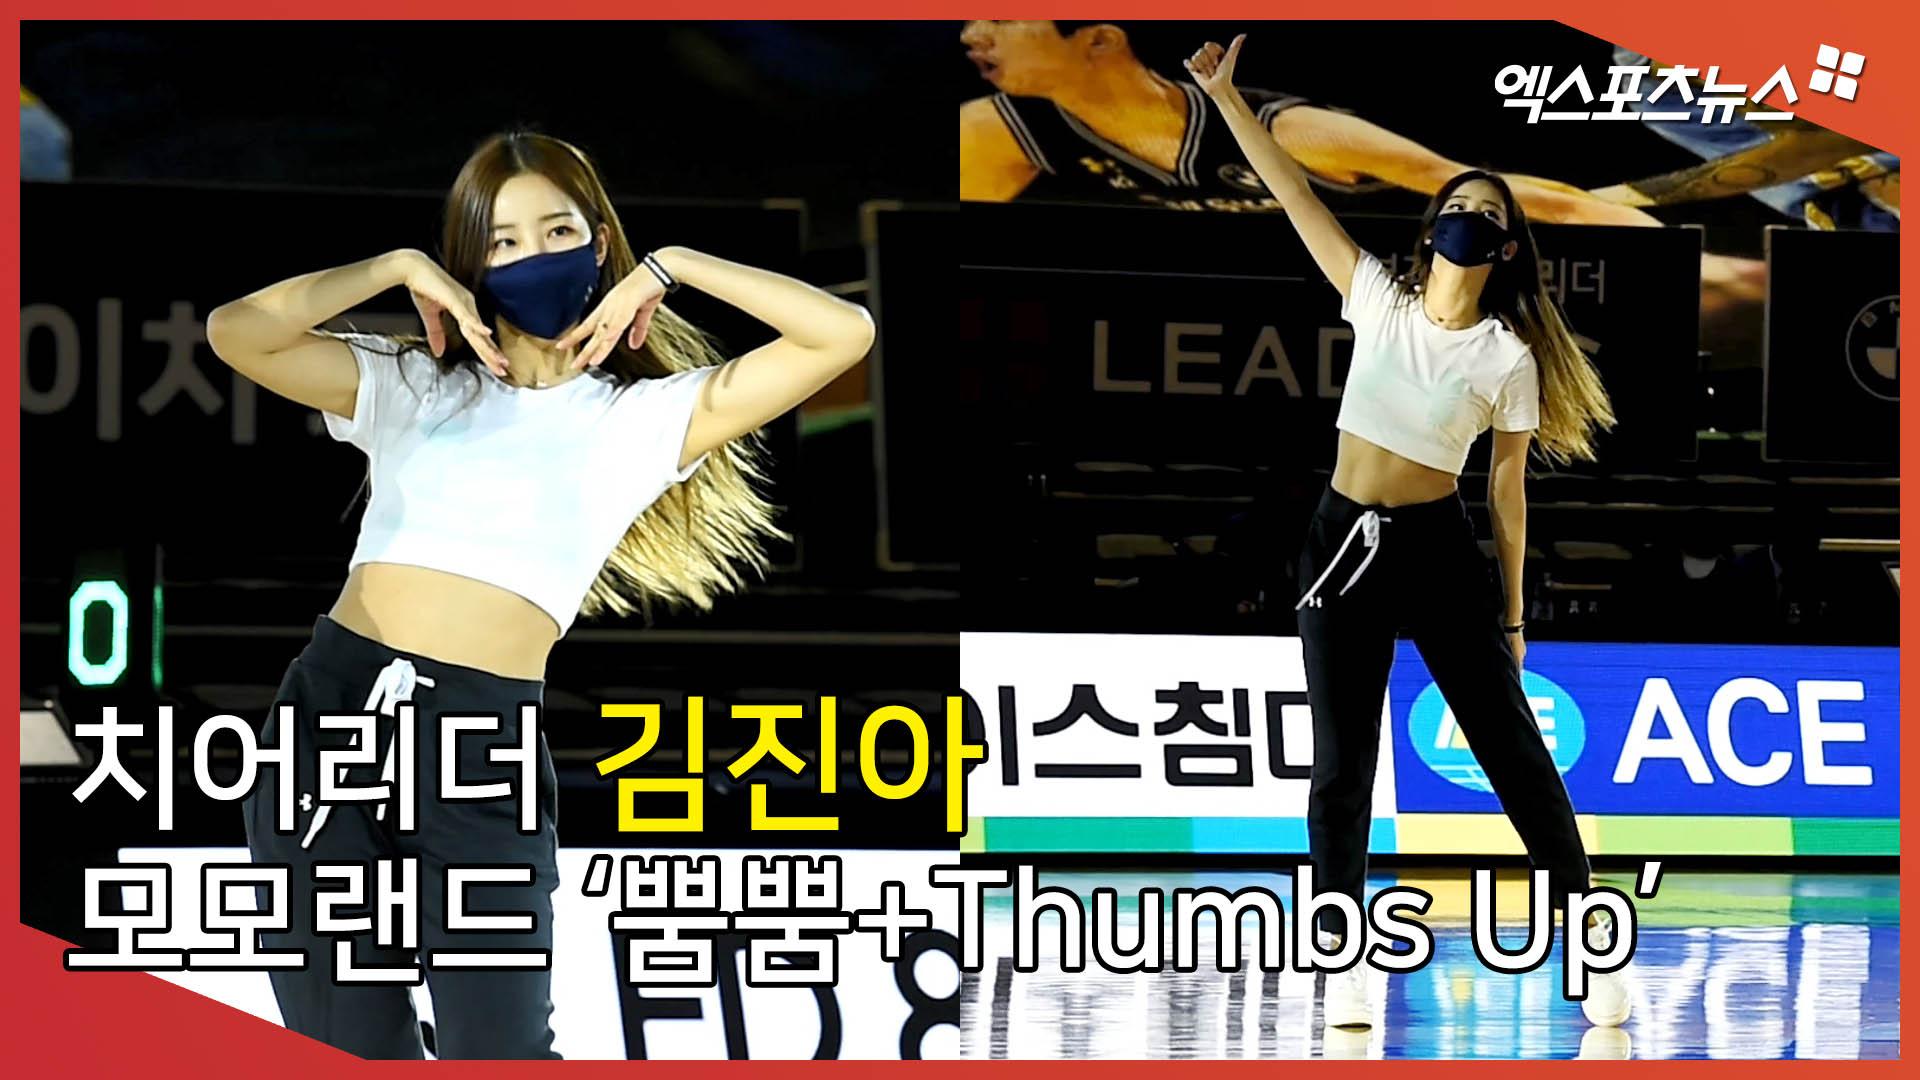 치어리더(Cheerleader) 김진아, 모모랜드 '뿜뿜+Thumbs Up' 공연[엑's 영상]